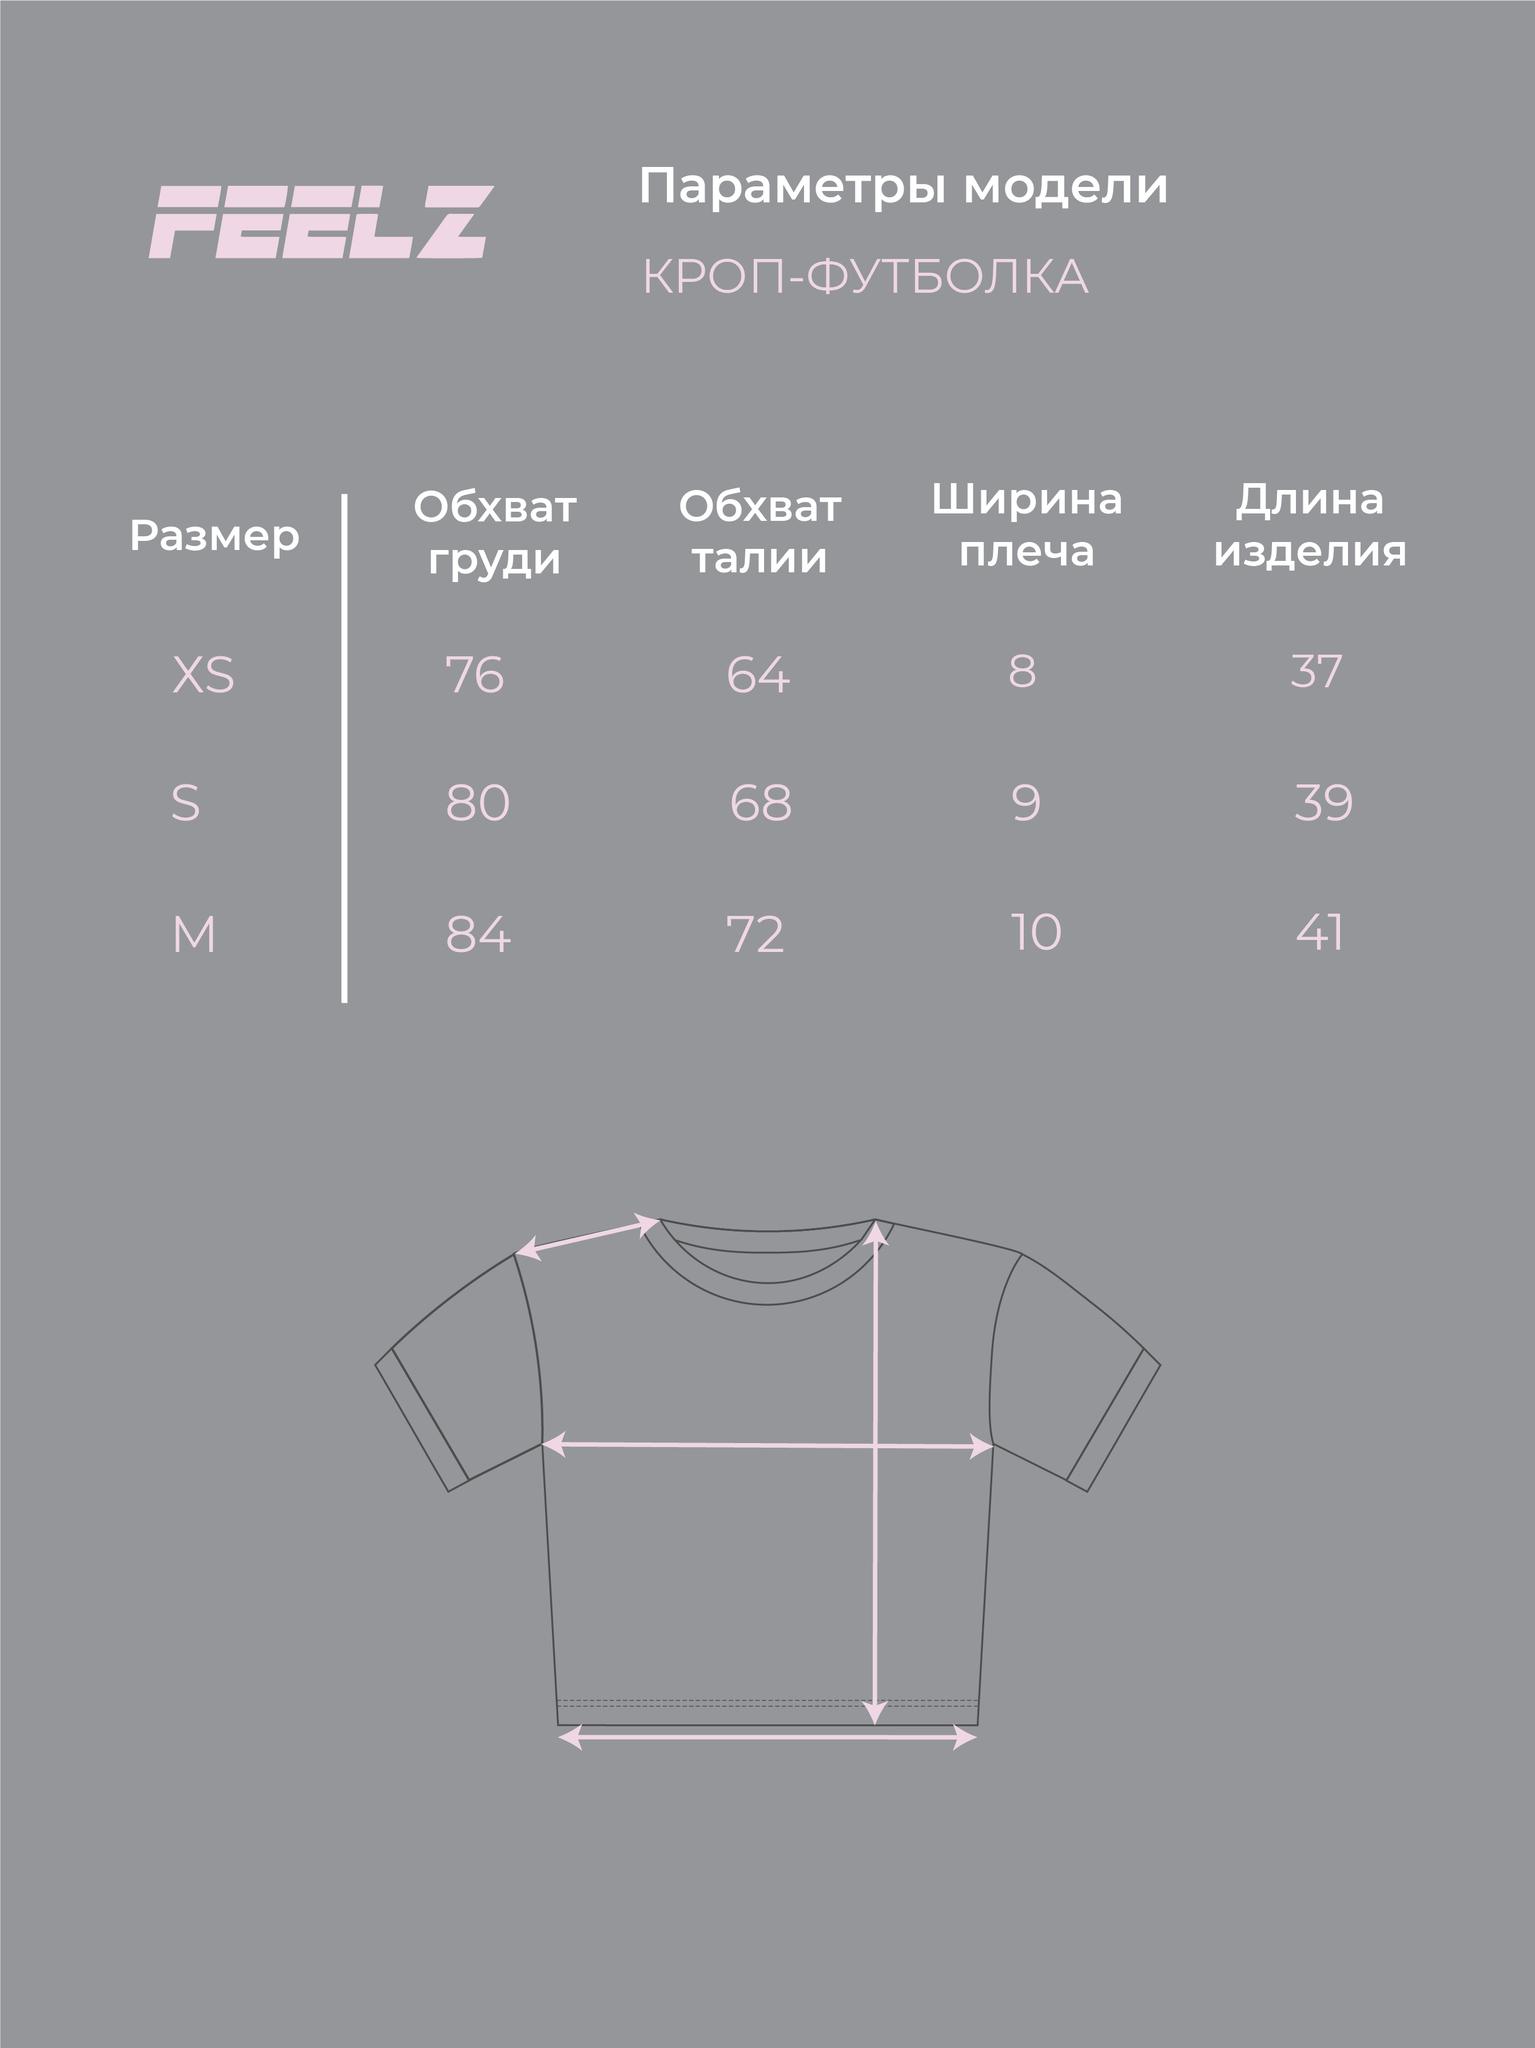 Кроп-футболка BlankMSC, Пепельно-серый